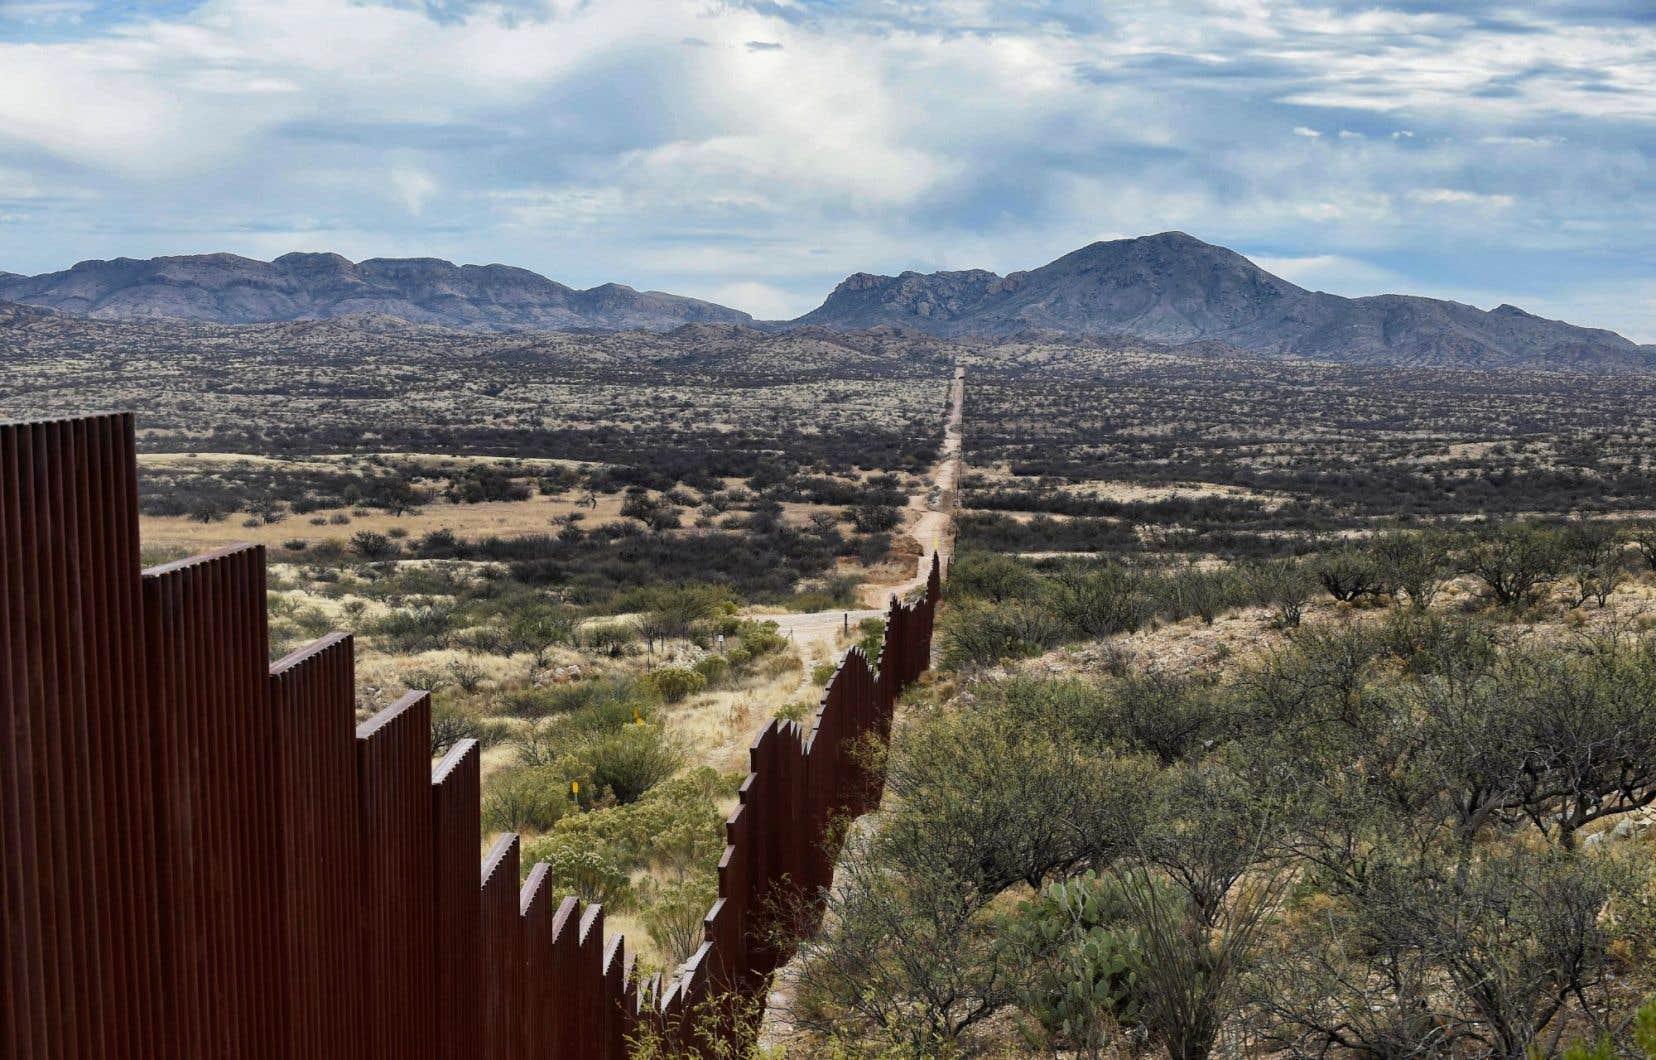 Entre l'État mexicain de Sonora et l'Arizona, la frontière est pour l'heure délimitée par une simple clôture. Ci-dessus, près deSasabe, au Mexique.